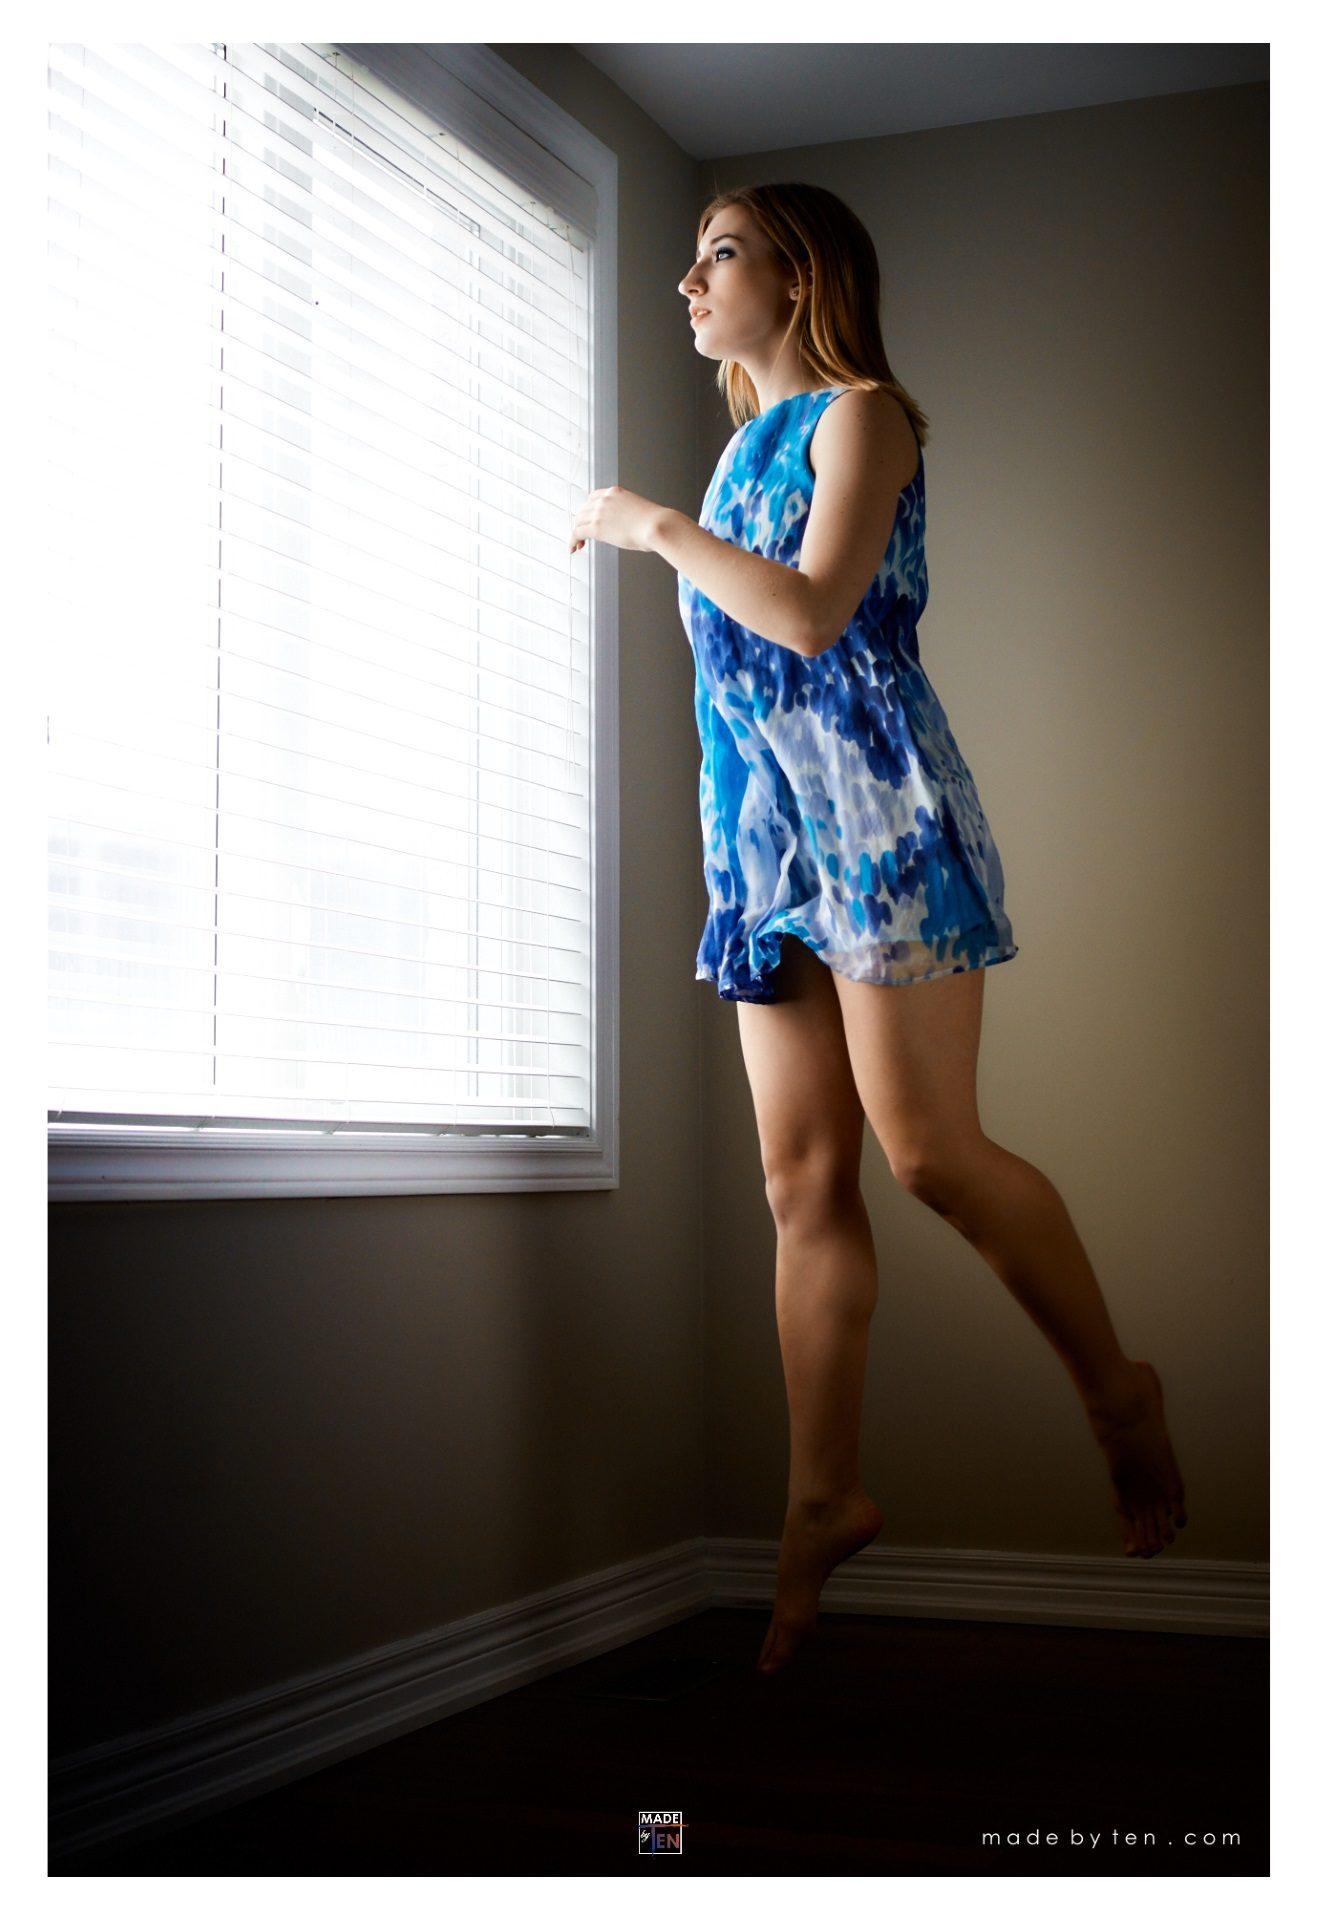 Woman Dress Jump- GTA Women Fine Art Photography